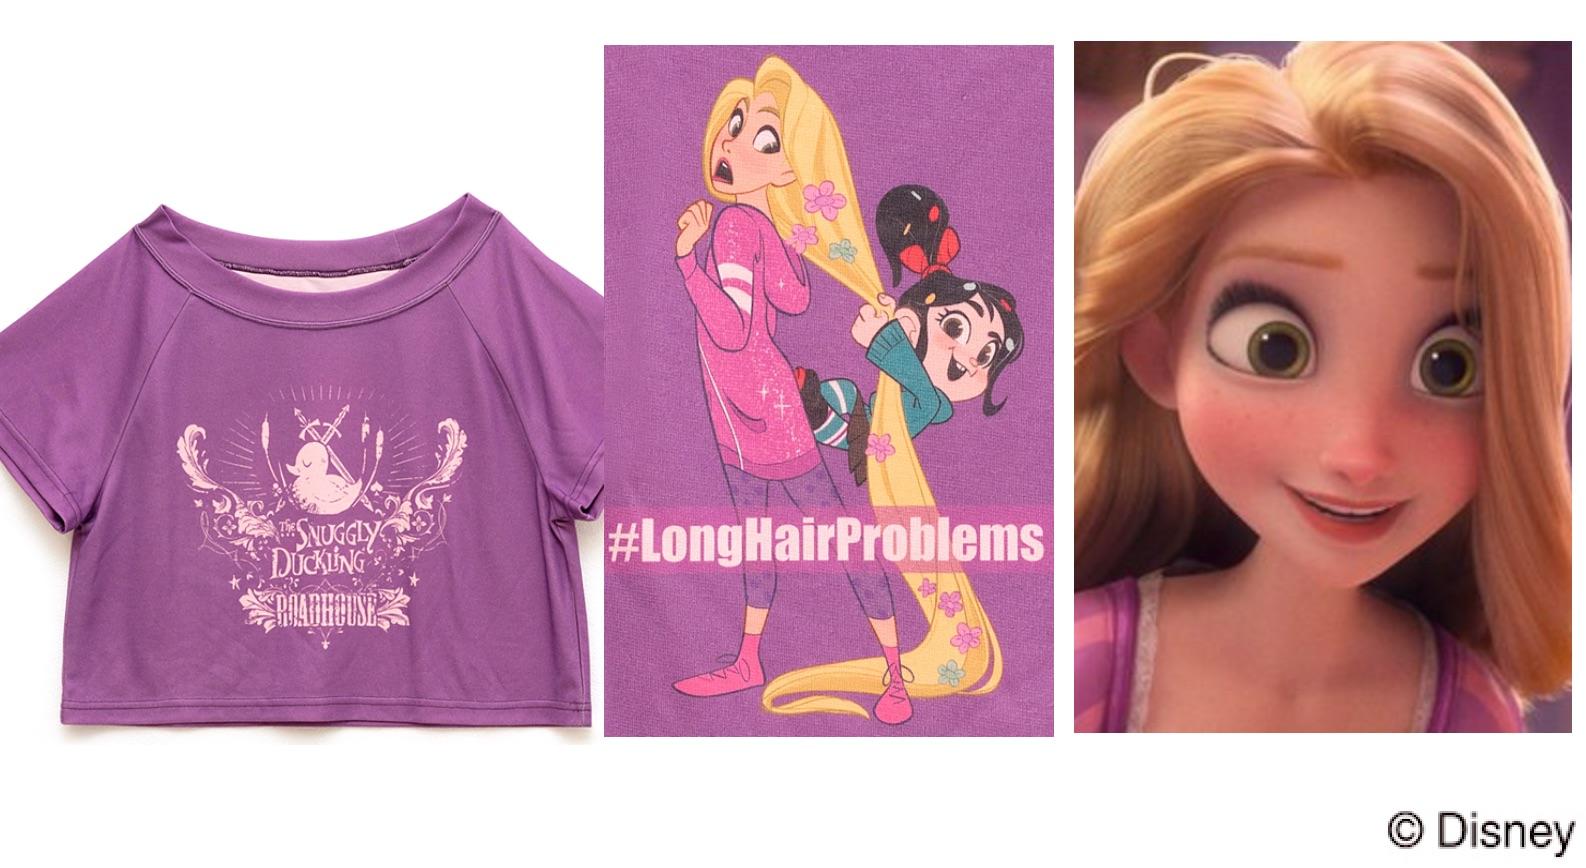 ラプンツェル(塔の上のラプンツェル)シュガーラッシュオンライン、プリンセスの私服Tシャツに隠された意味って?